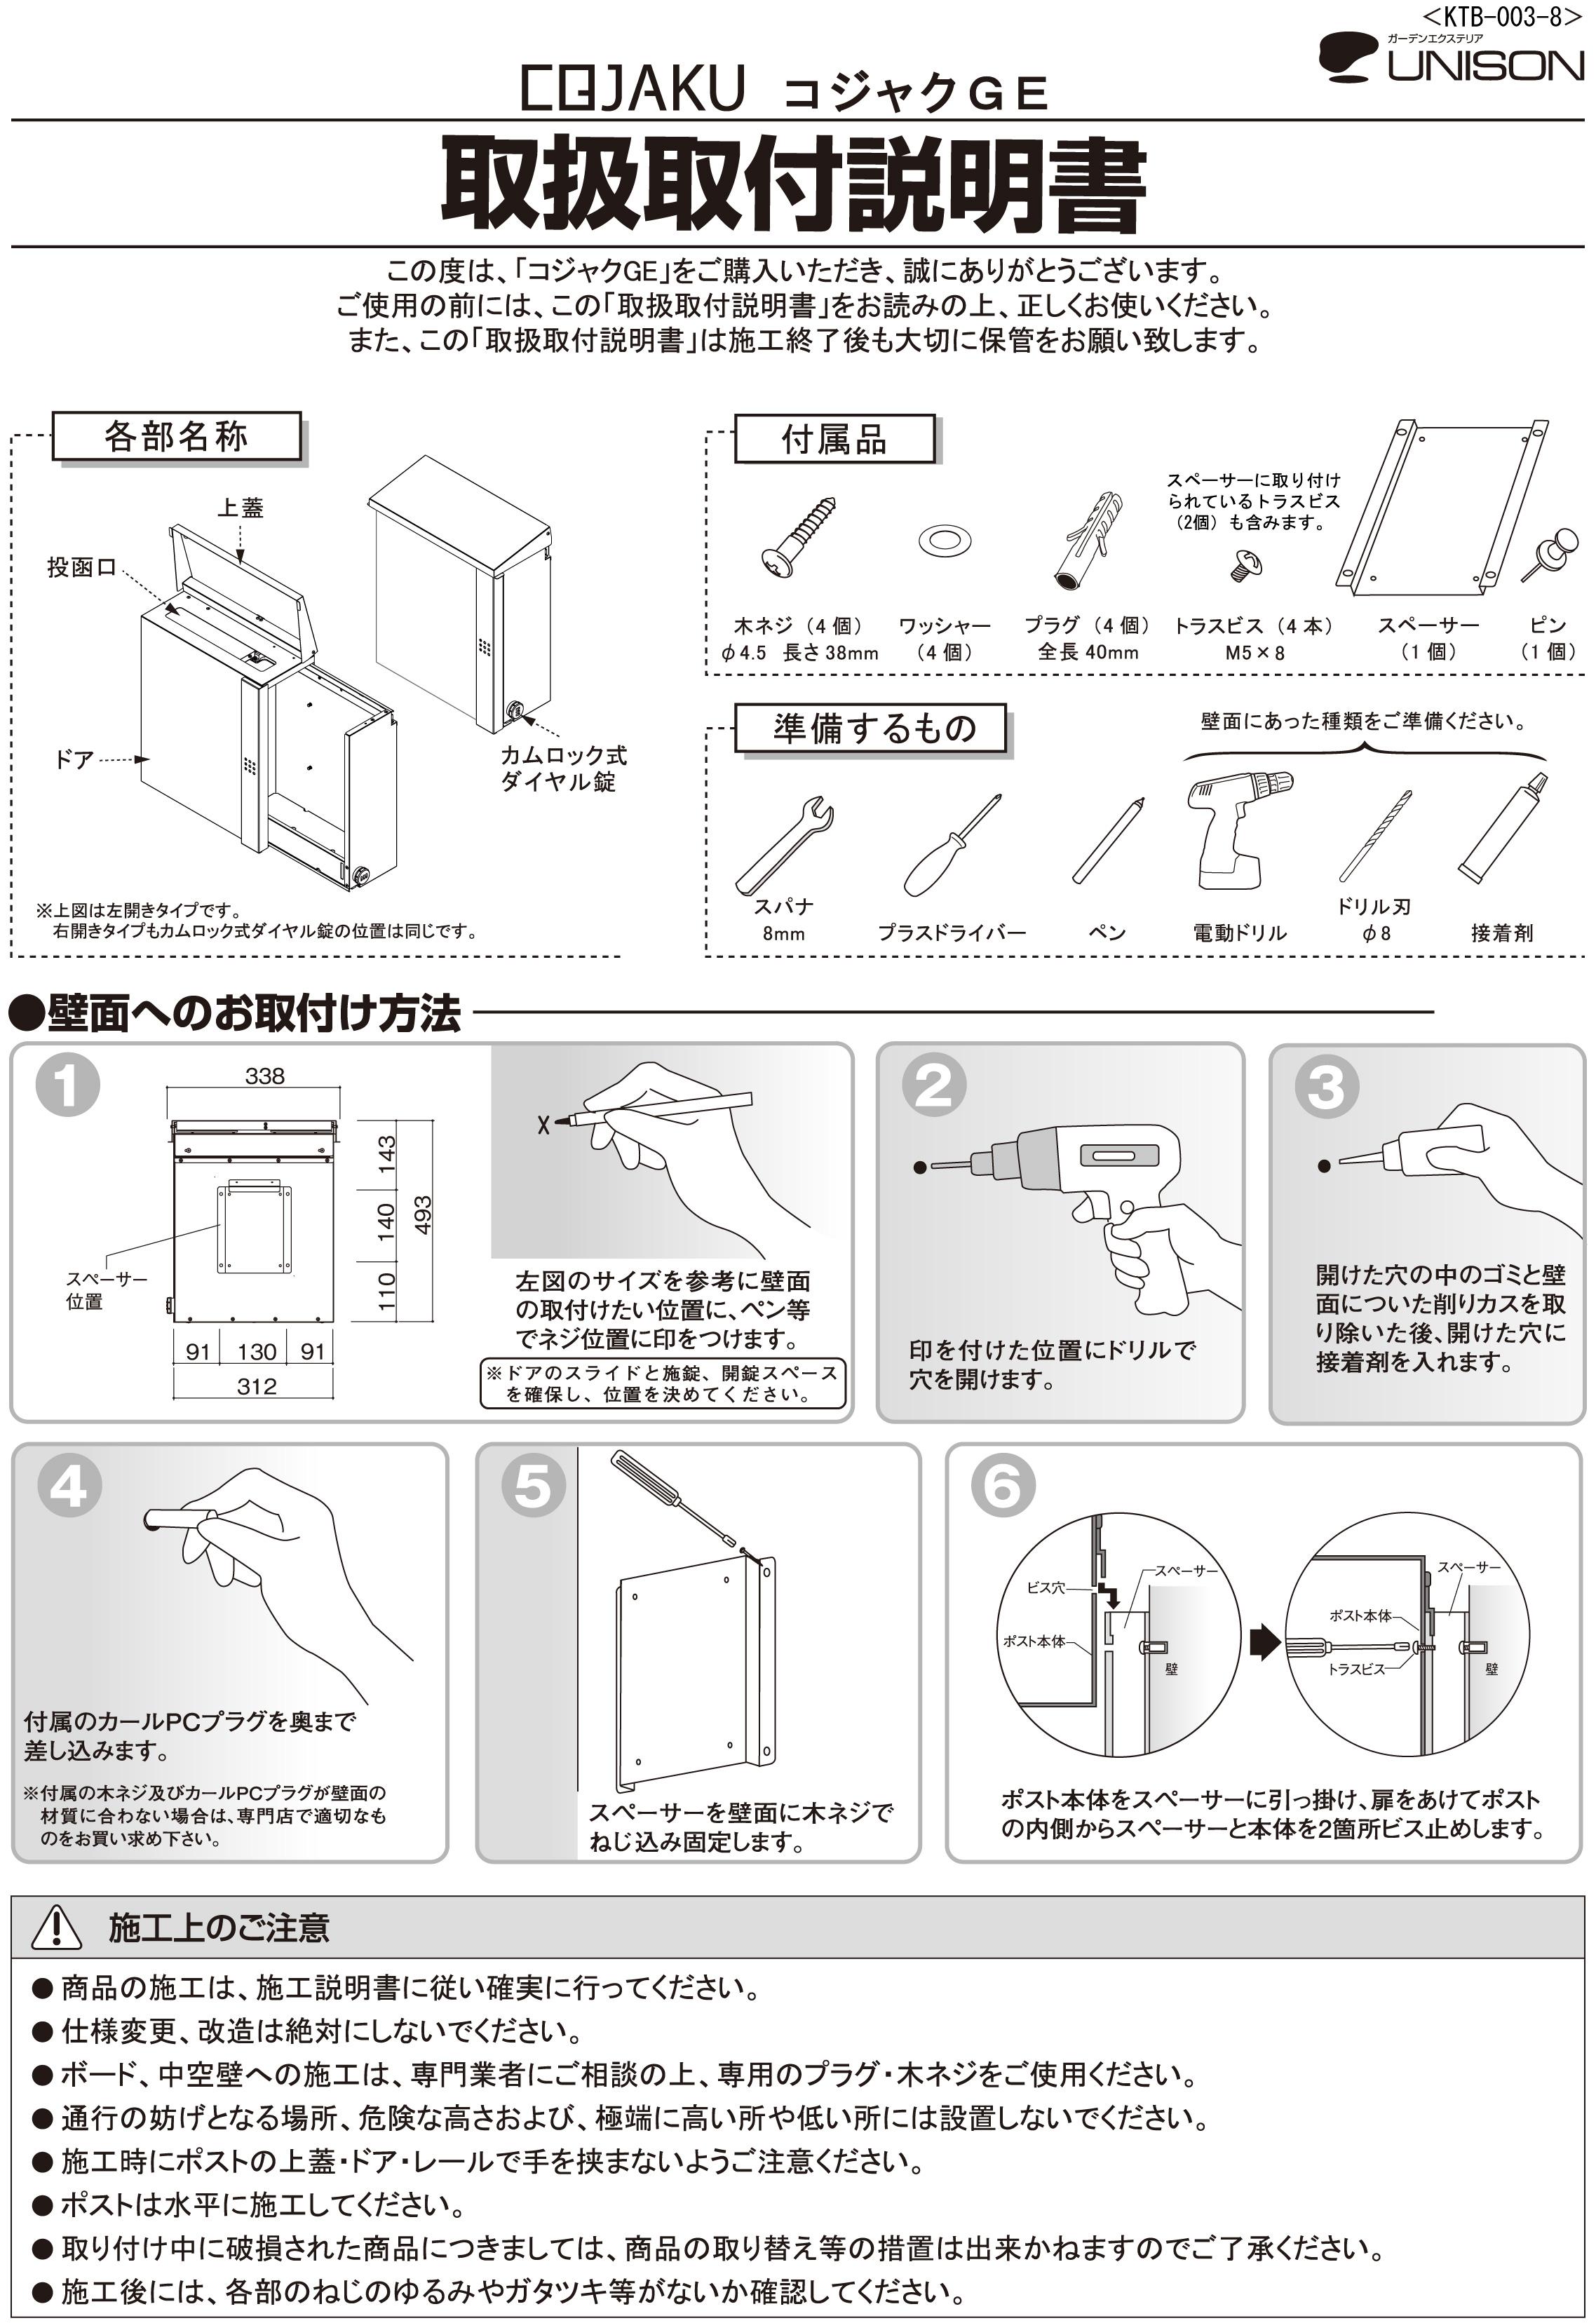 コジャクGE_取扱説明書-1